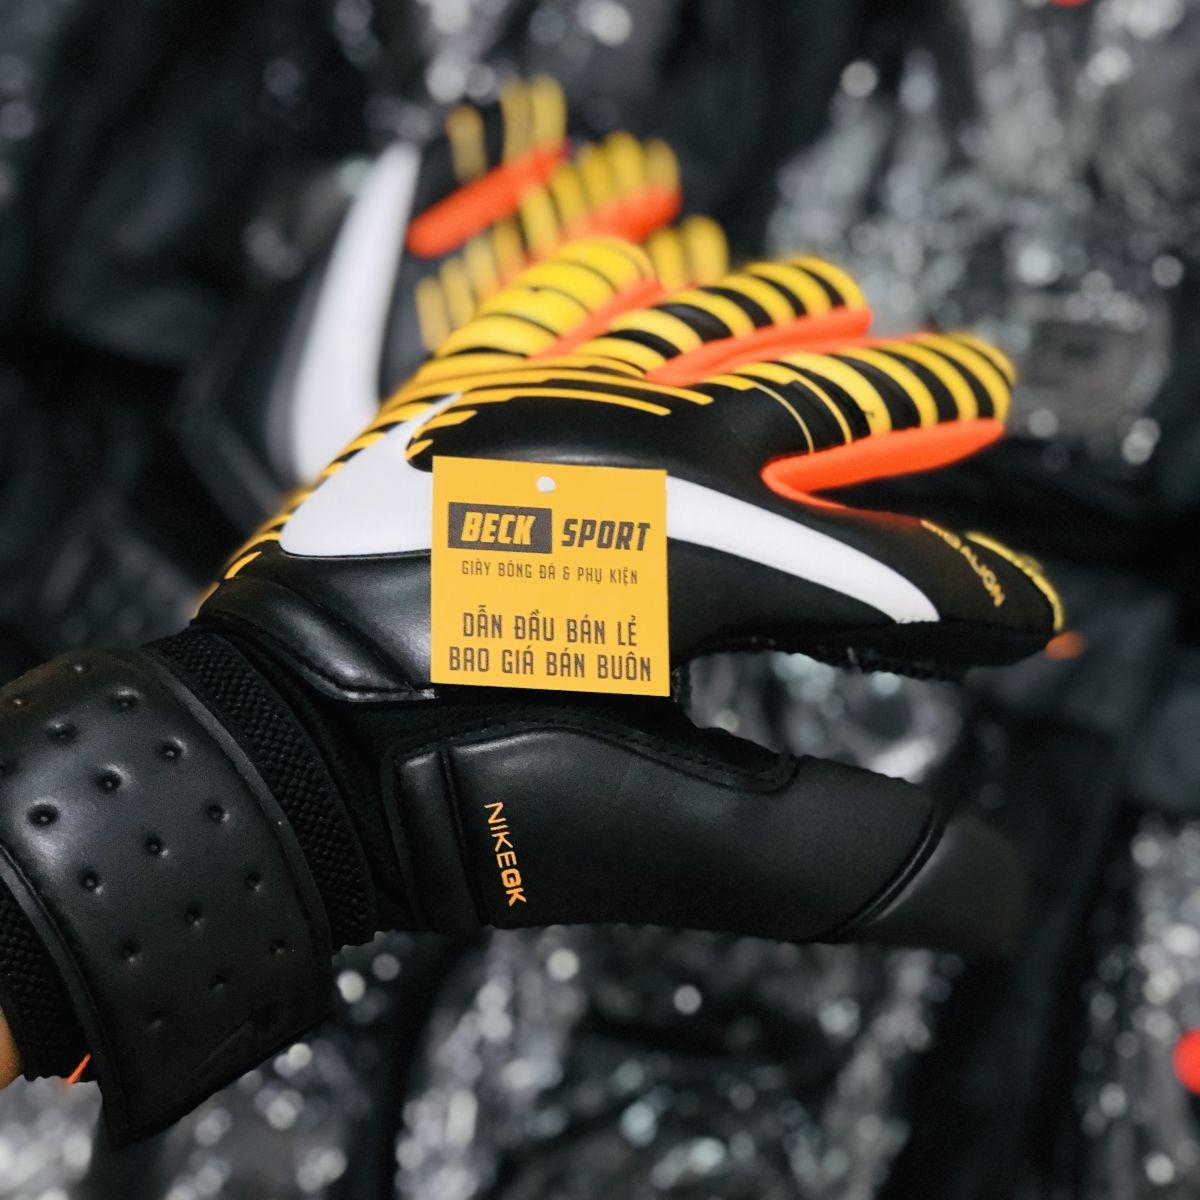 Găng Tay Nike Vapor Grip 3 Đen Vàng ( Không Xương)